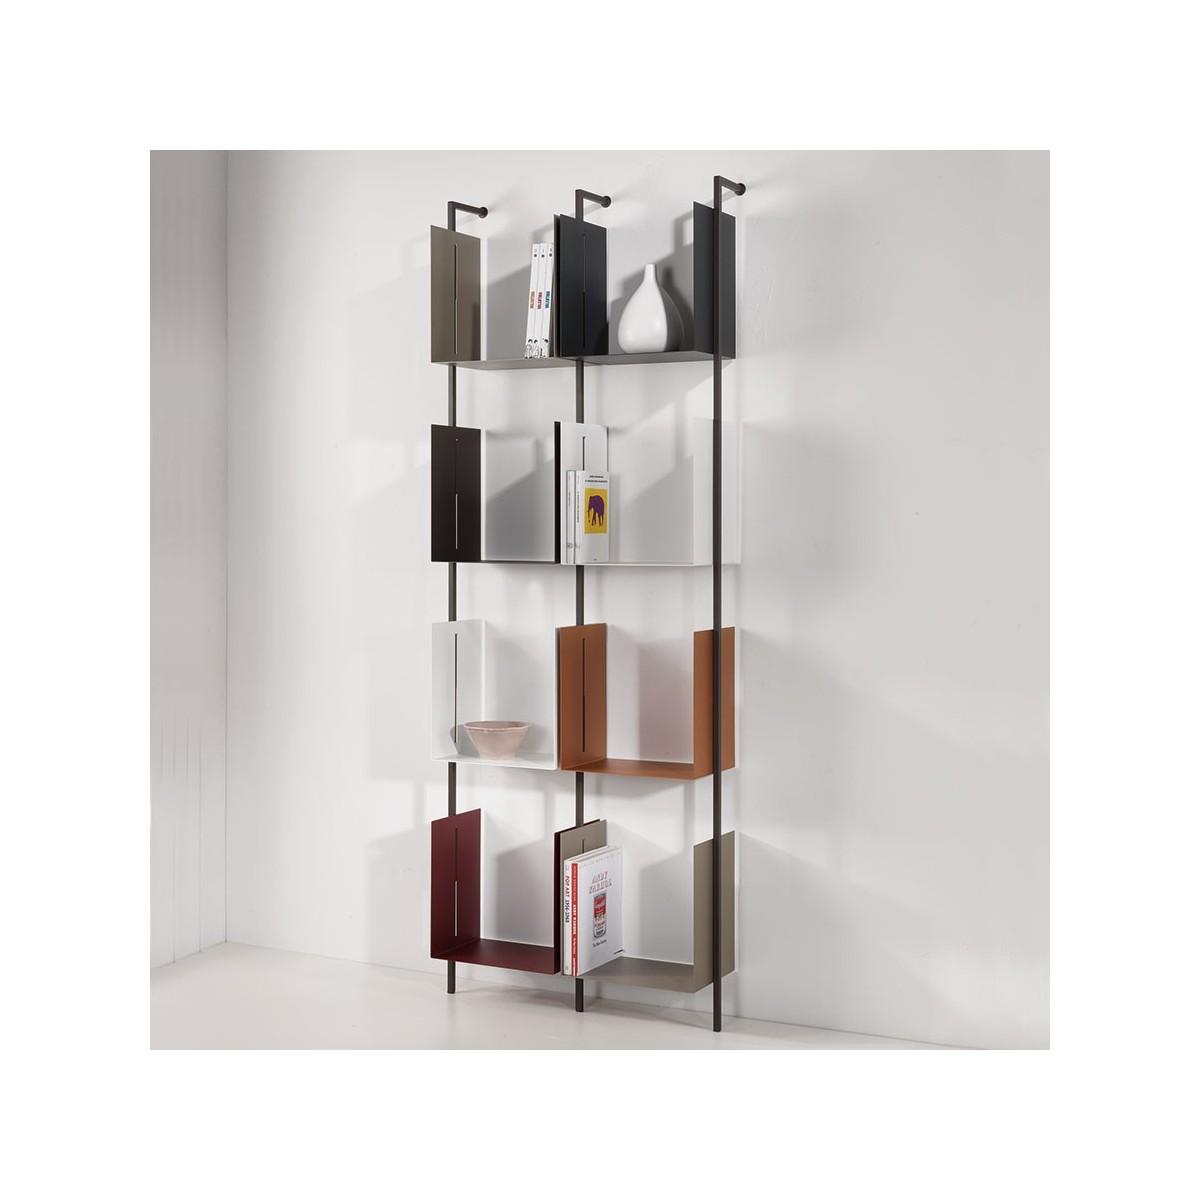 Libreria libra comp 21 verticale a parete design moderno for Design moderno